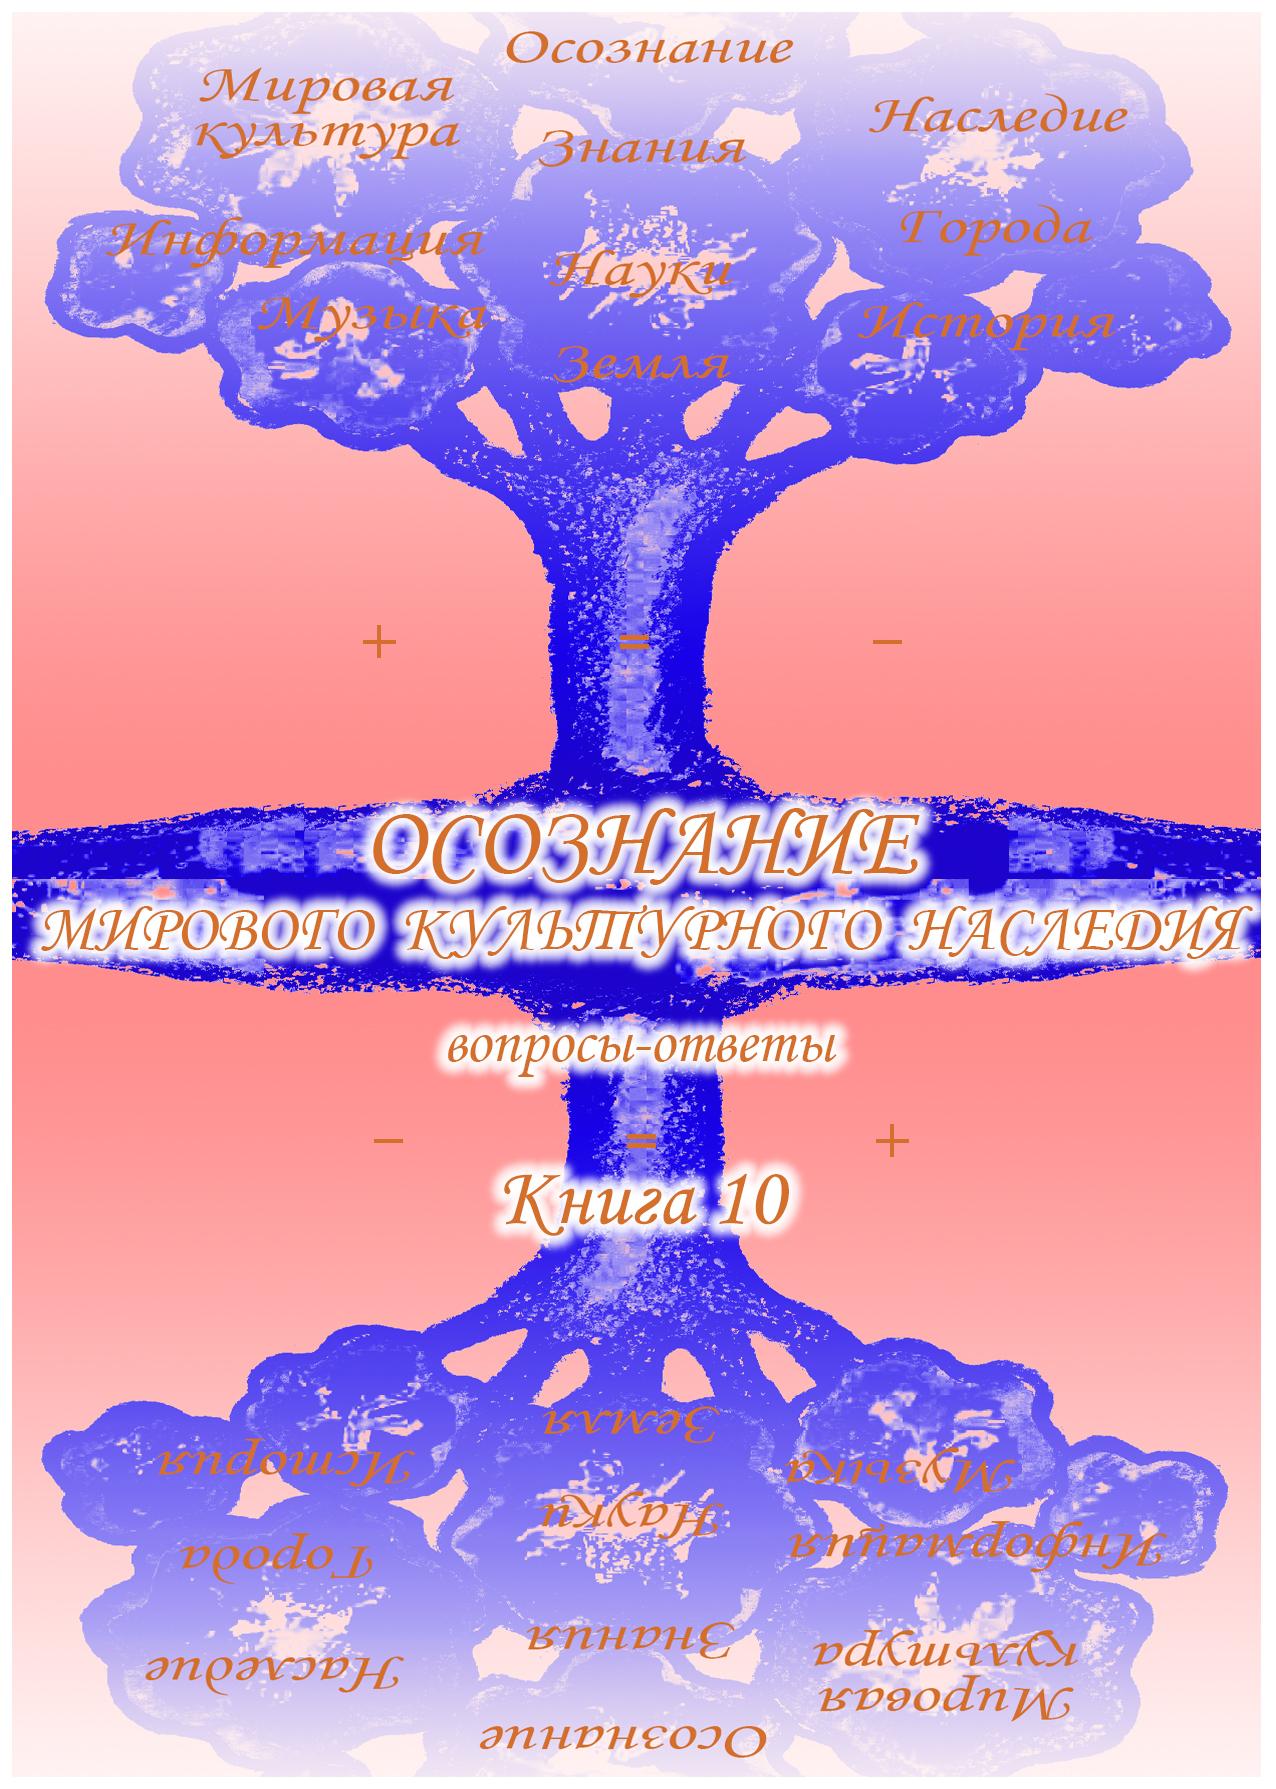 Учебник развития сознания. Вопросы и ответы. Книга 10. Осознание мирового культурного наследия